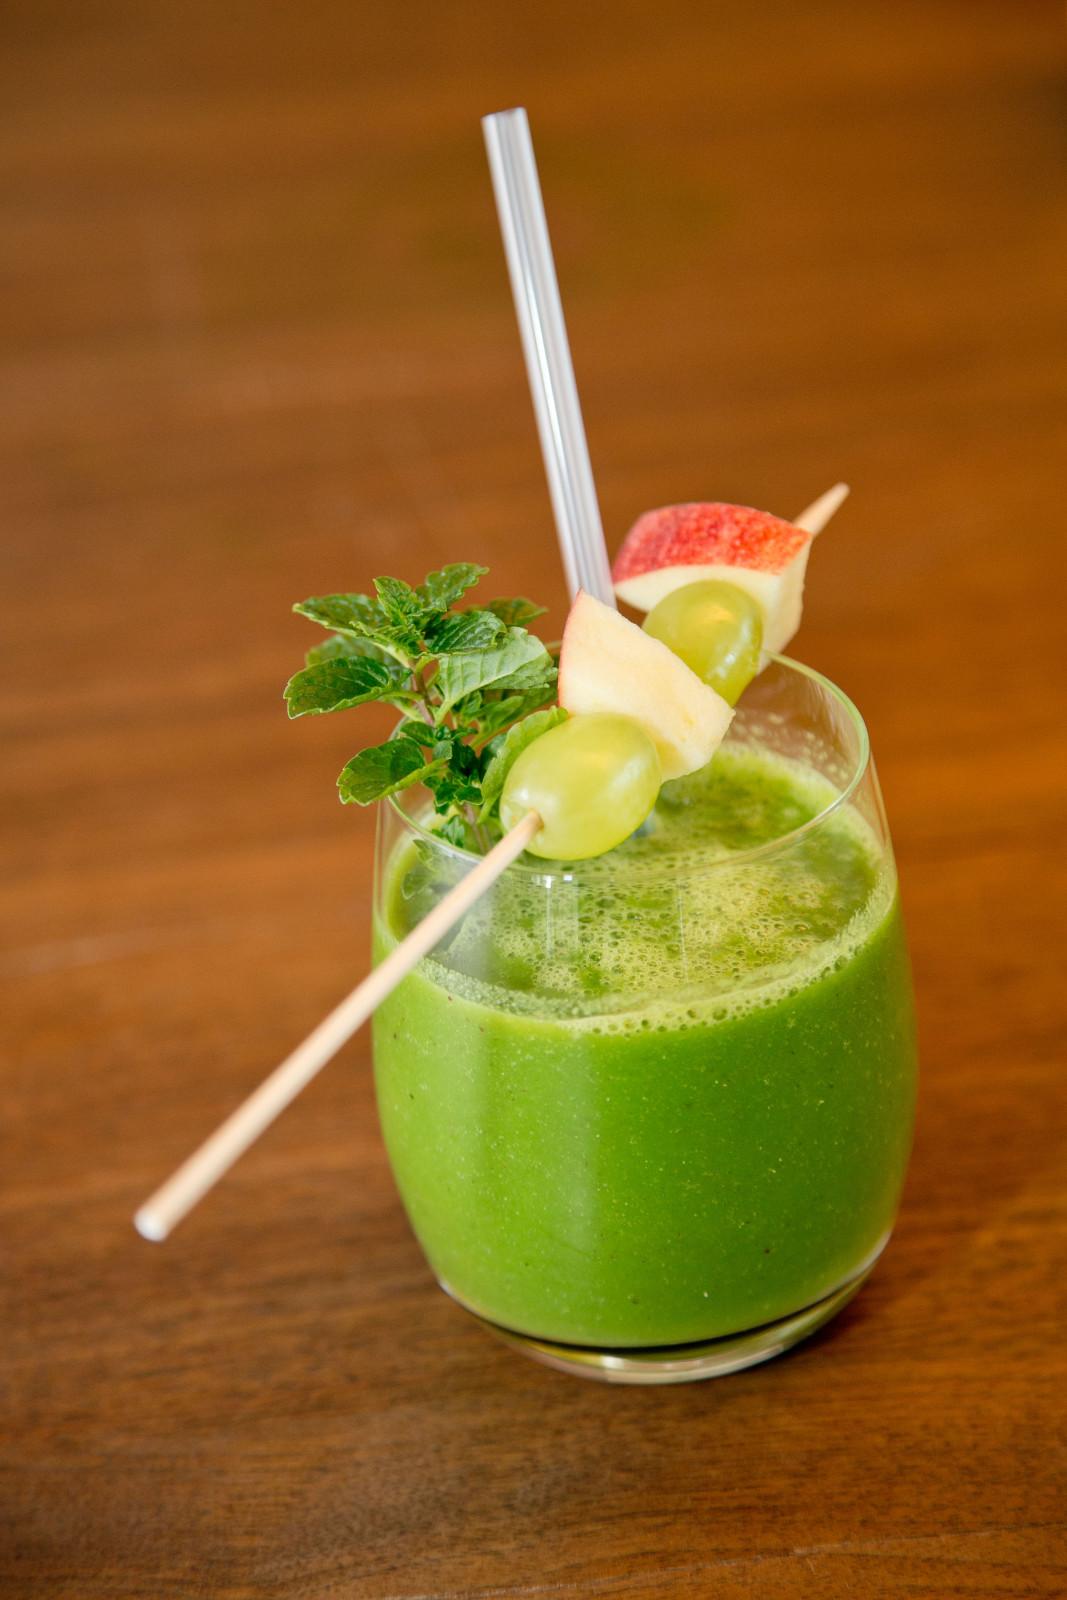 Früchte, Gemüse und Kräuter trinkfertig im Glas